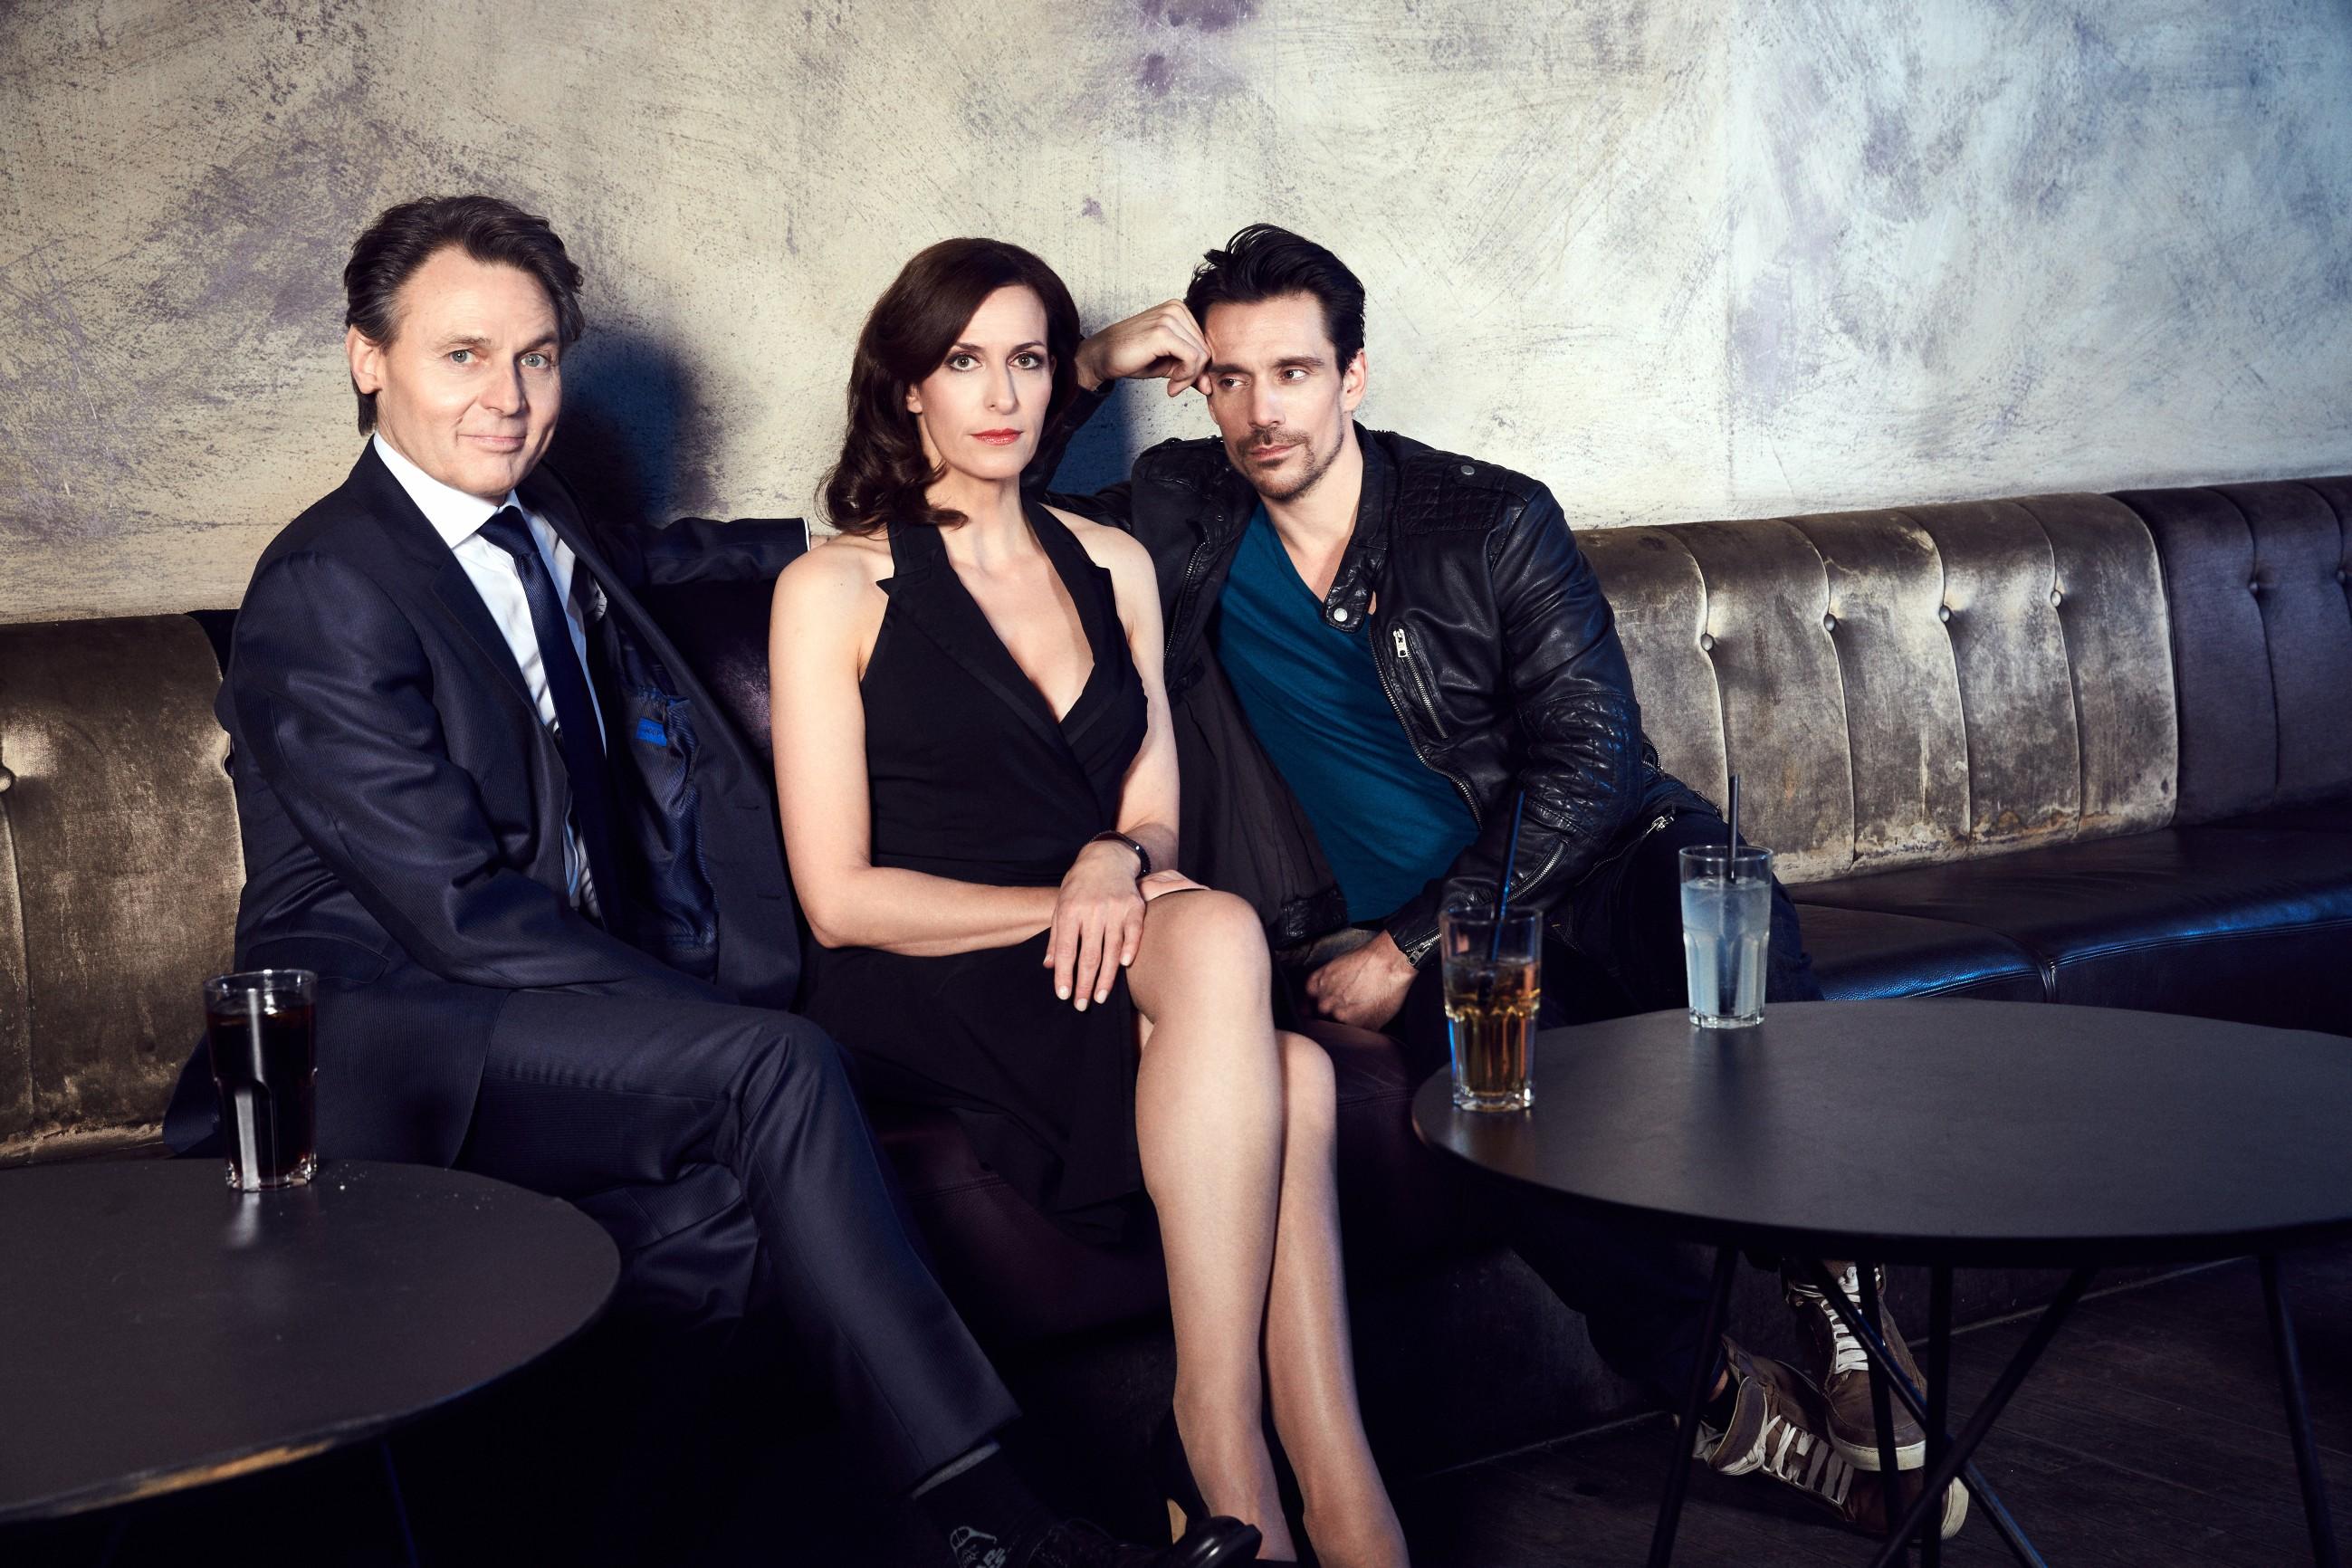 v.l.: Wolfgang Bahro, Ulrike Frank, Philipp Christopher